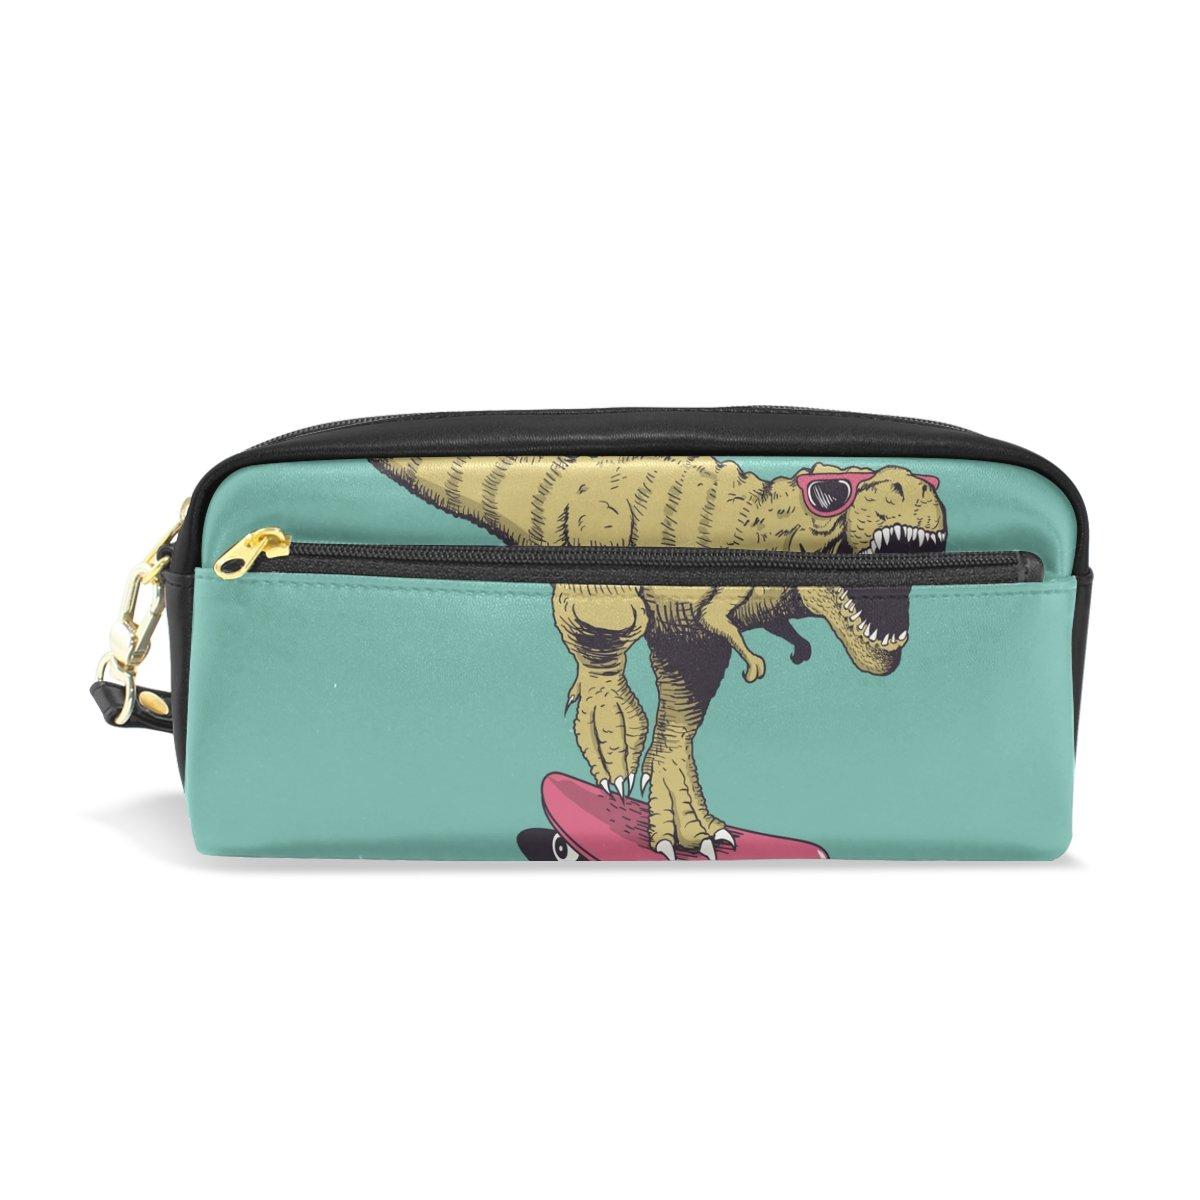 【爆売り!】 Colourlife B07DXNJ2NP Dinosaur Pencil Case Dinosaur Ridesレザーポーチバッグメイクアップコスメティックバッグ Case B07DXNJ2NP, KBF/ケービーエフ:5e9b8433 --- svecha37.ru